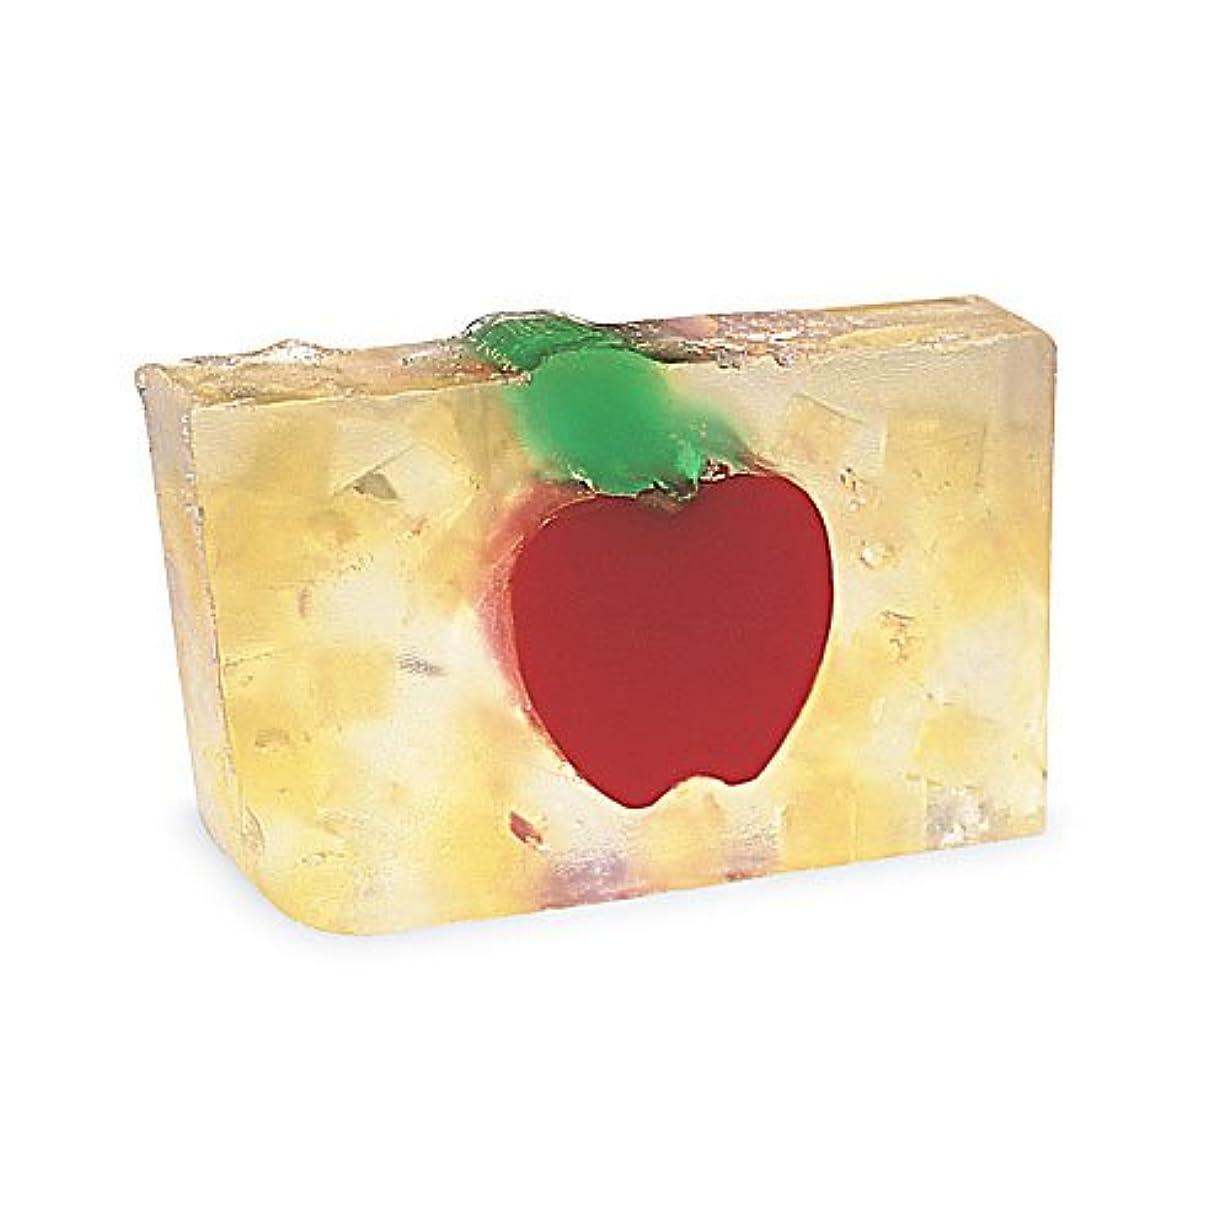 ギャング労苦論争プライモールエレメンツ アロマティック ソープ ビッグアップル 180g 植物性 ナチュラル 石鹸 無添加